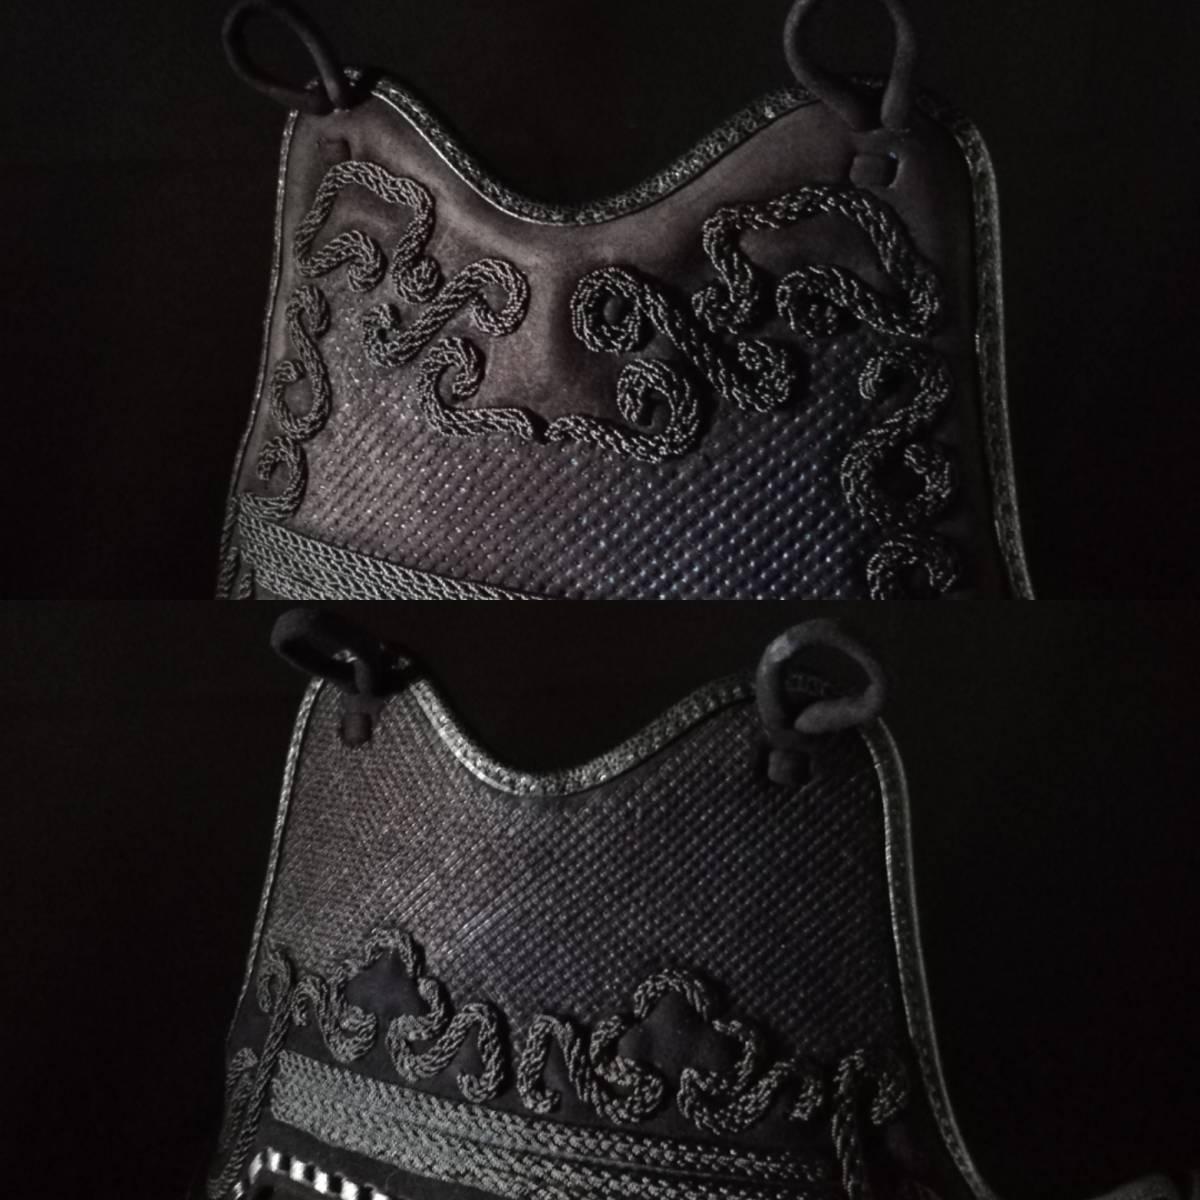 月産限定10セット オーダーメイド織刺2.5分手刺セット 選べる内輪素材 布団の長さ幅もお好みで 子供用可 _紺鹿革胸は16,000円追加となります